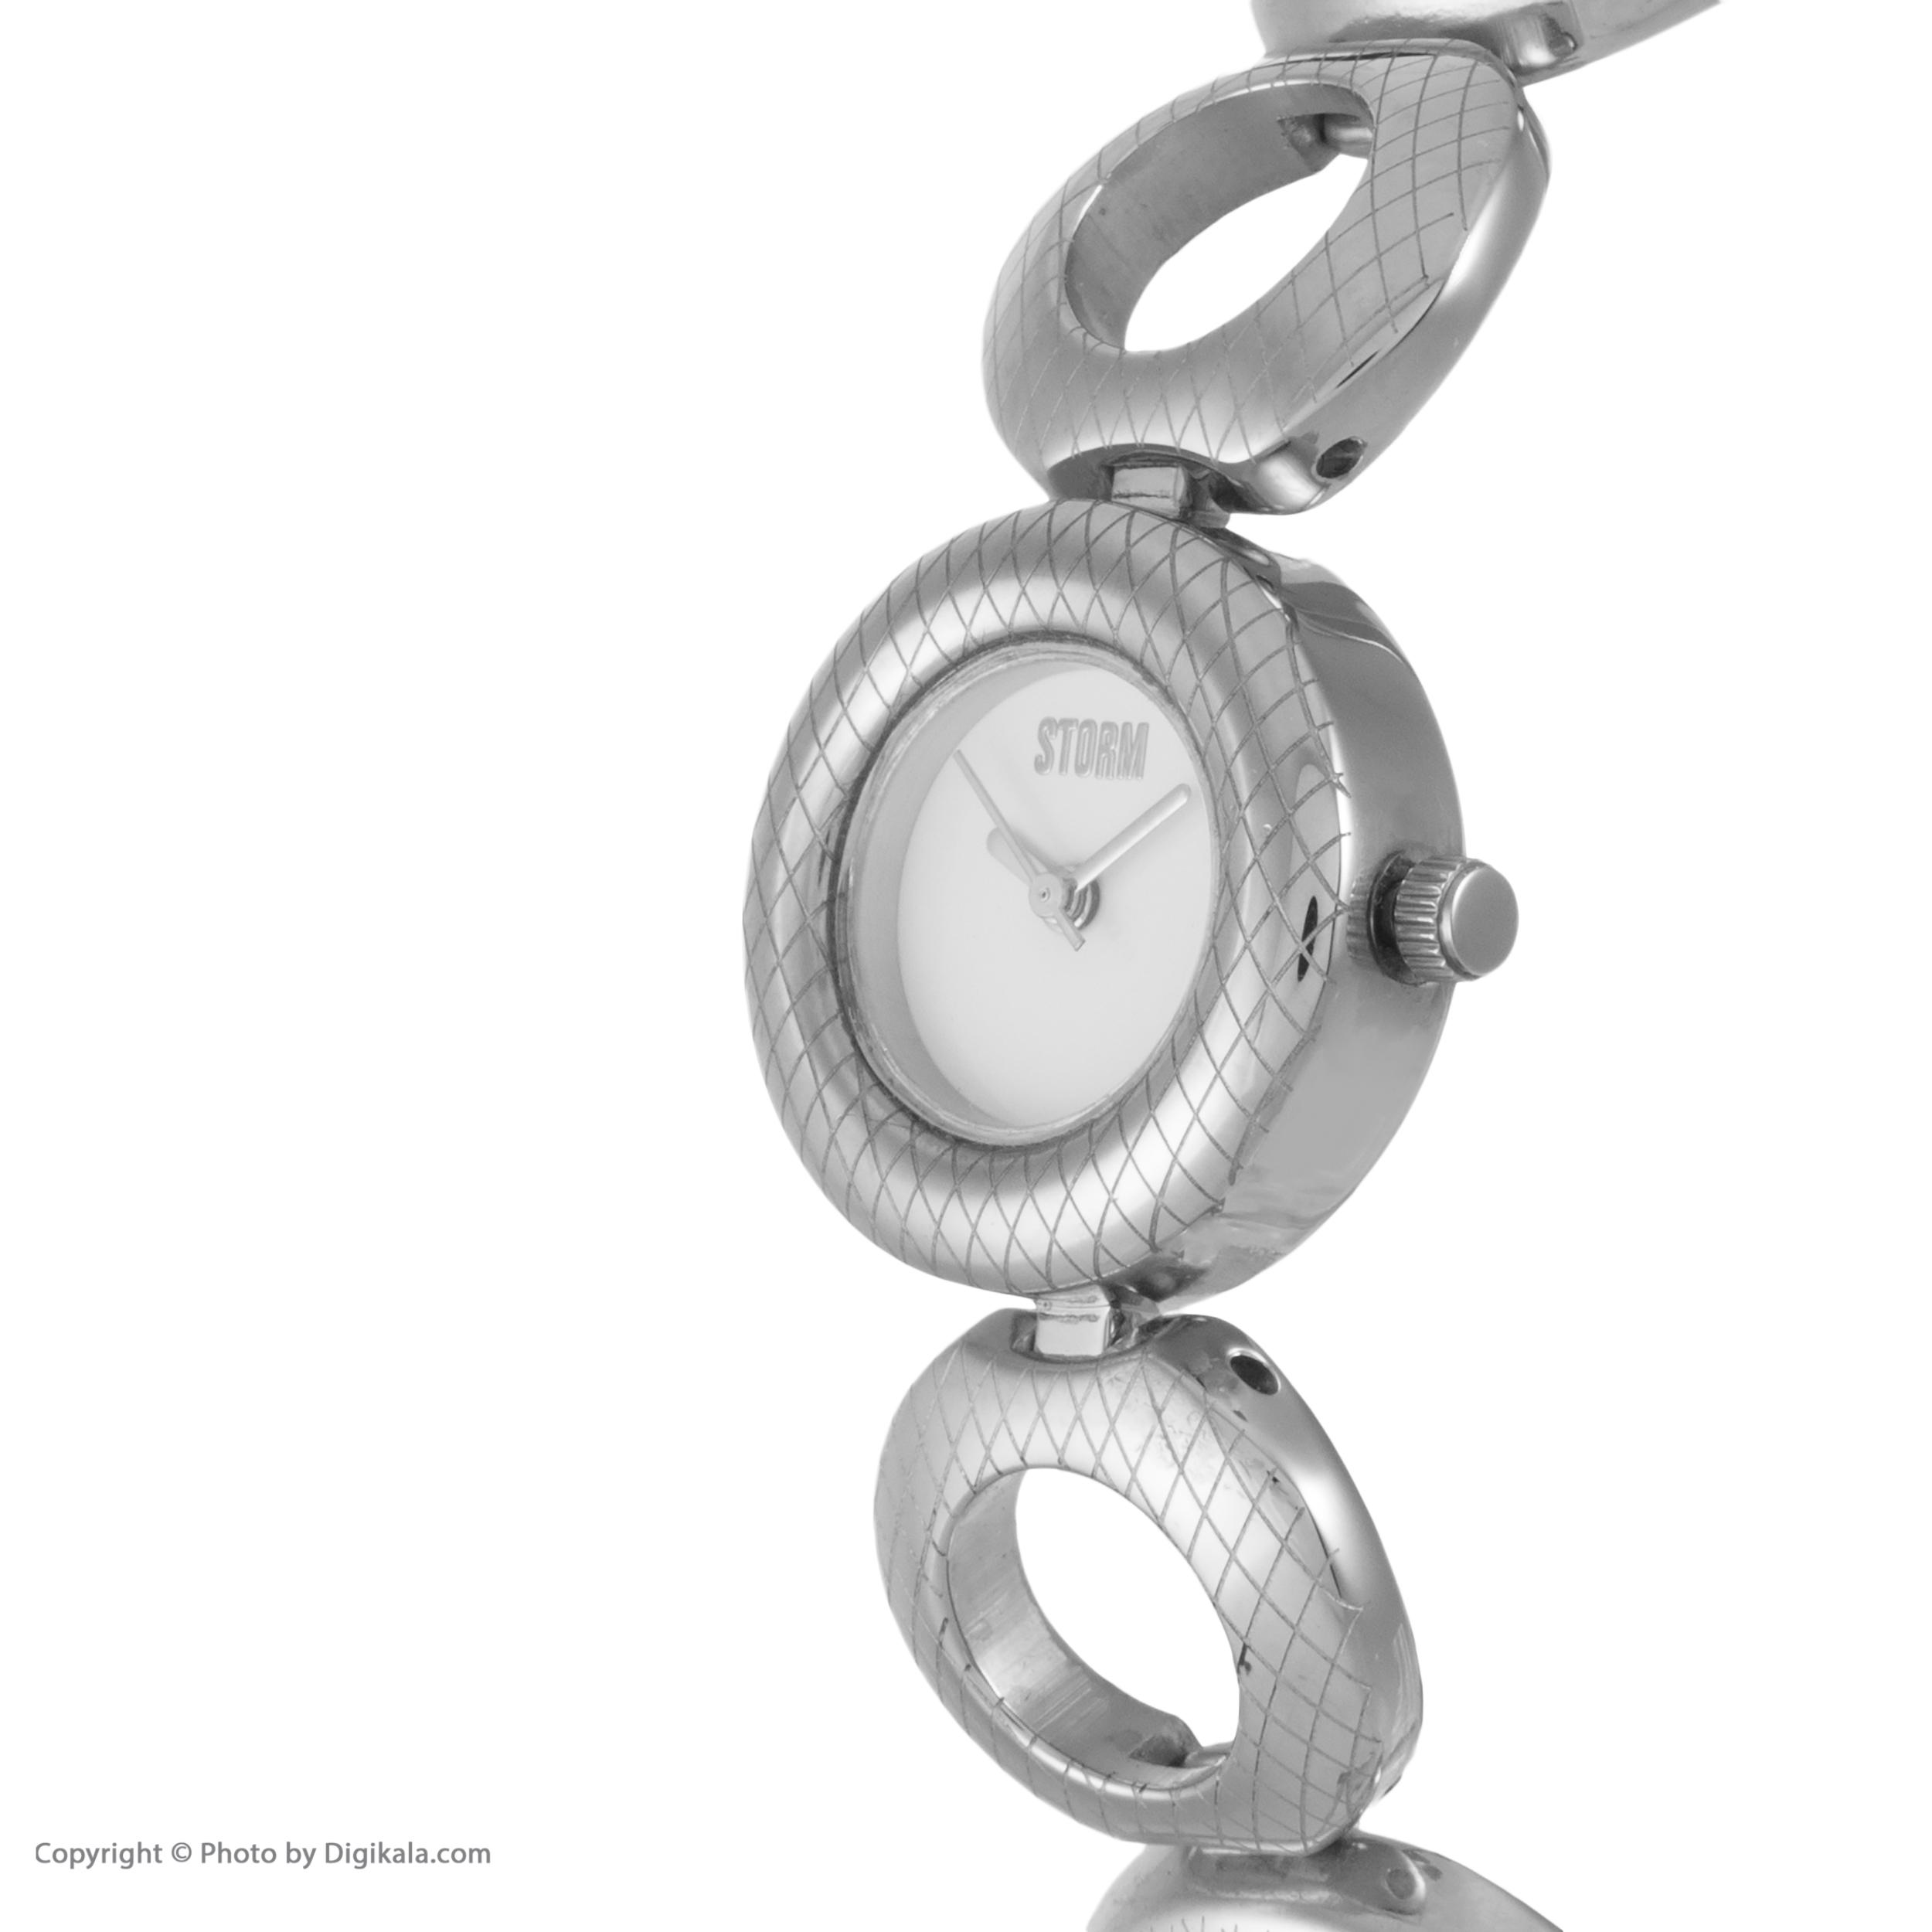 ساعت مچی عقربه ای زنانه استورم مدل ST 47124-S              ارزان